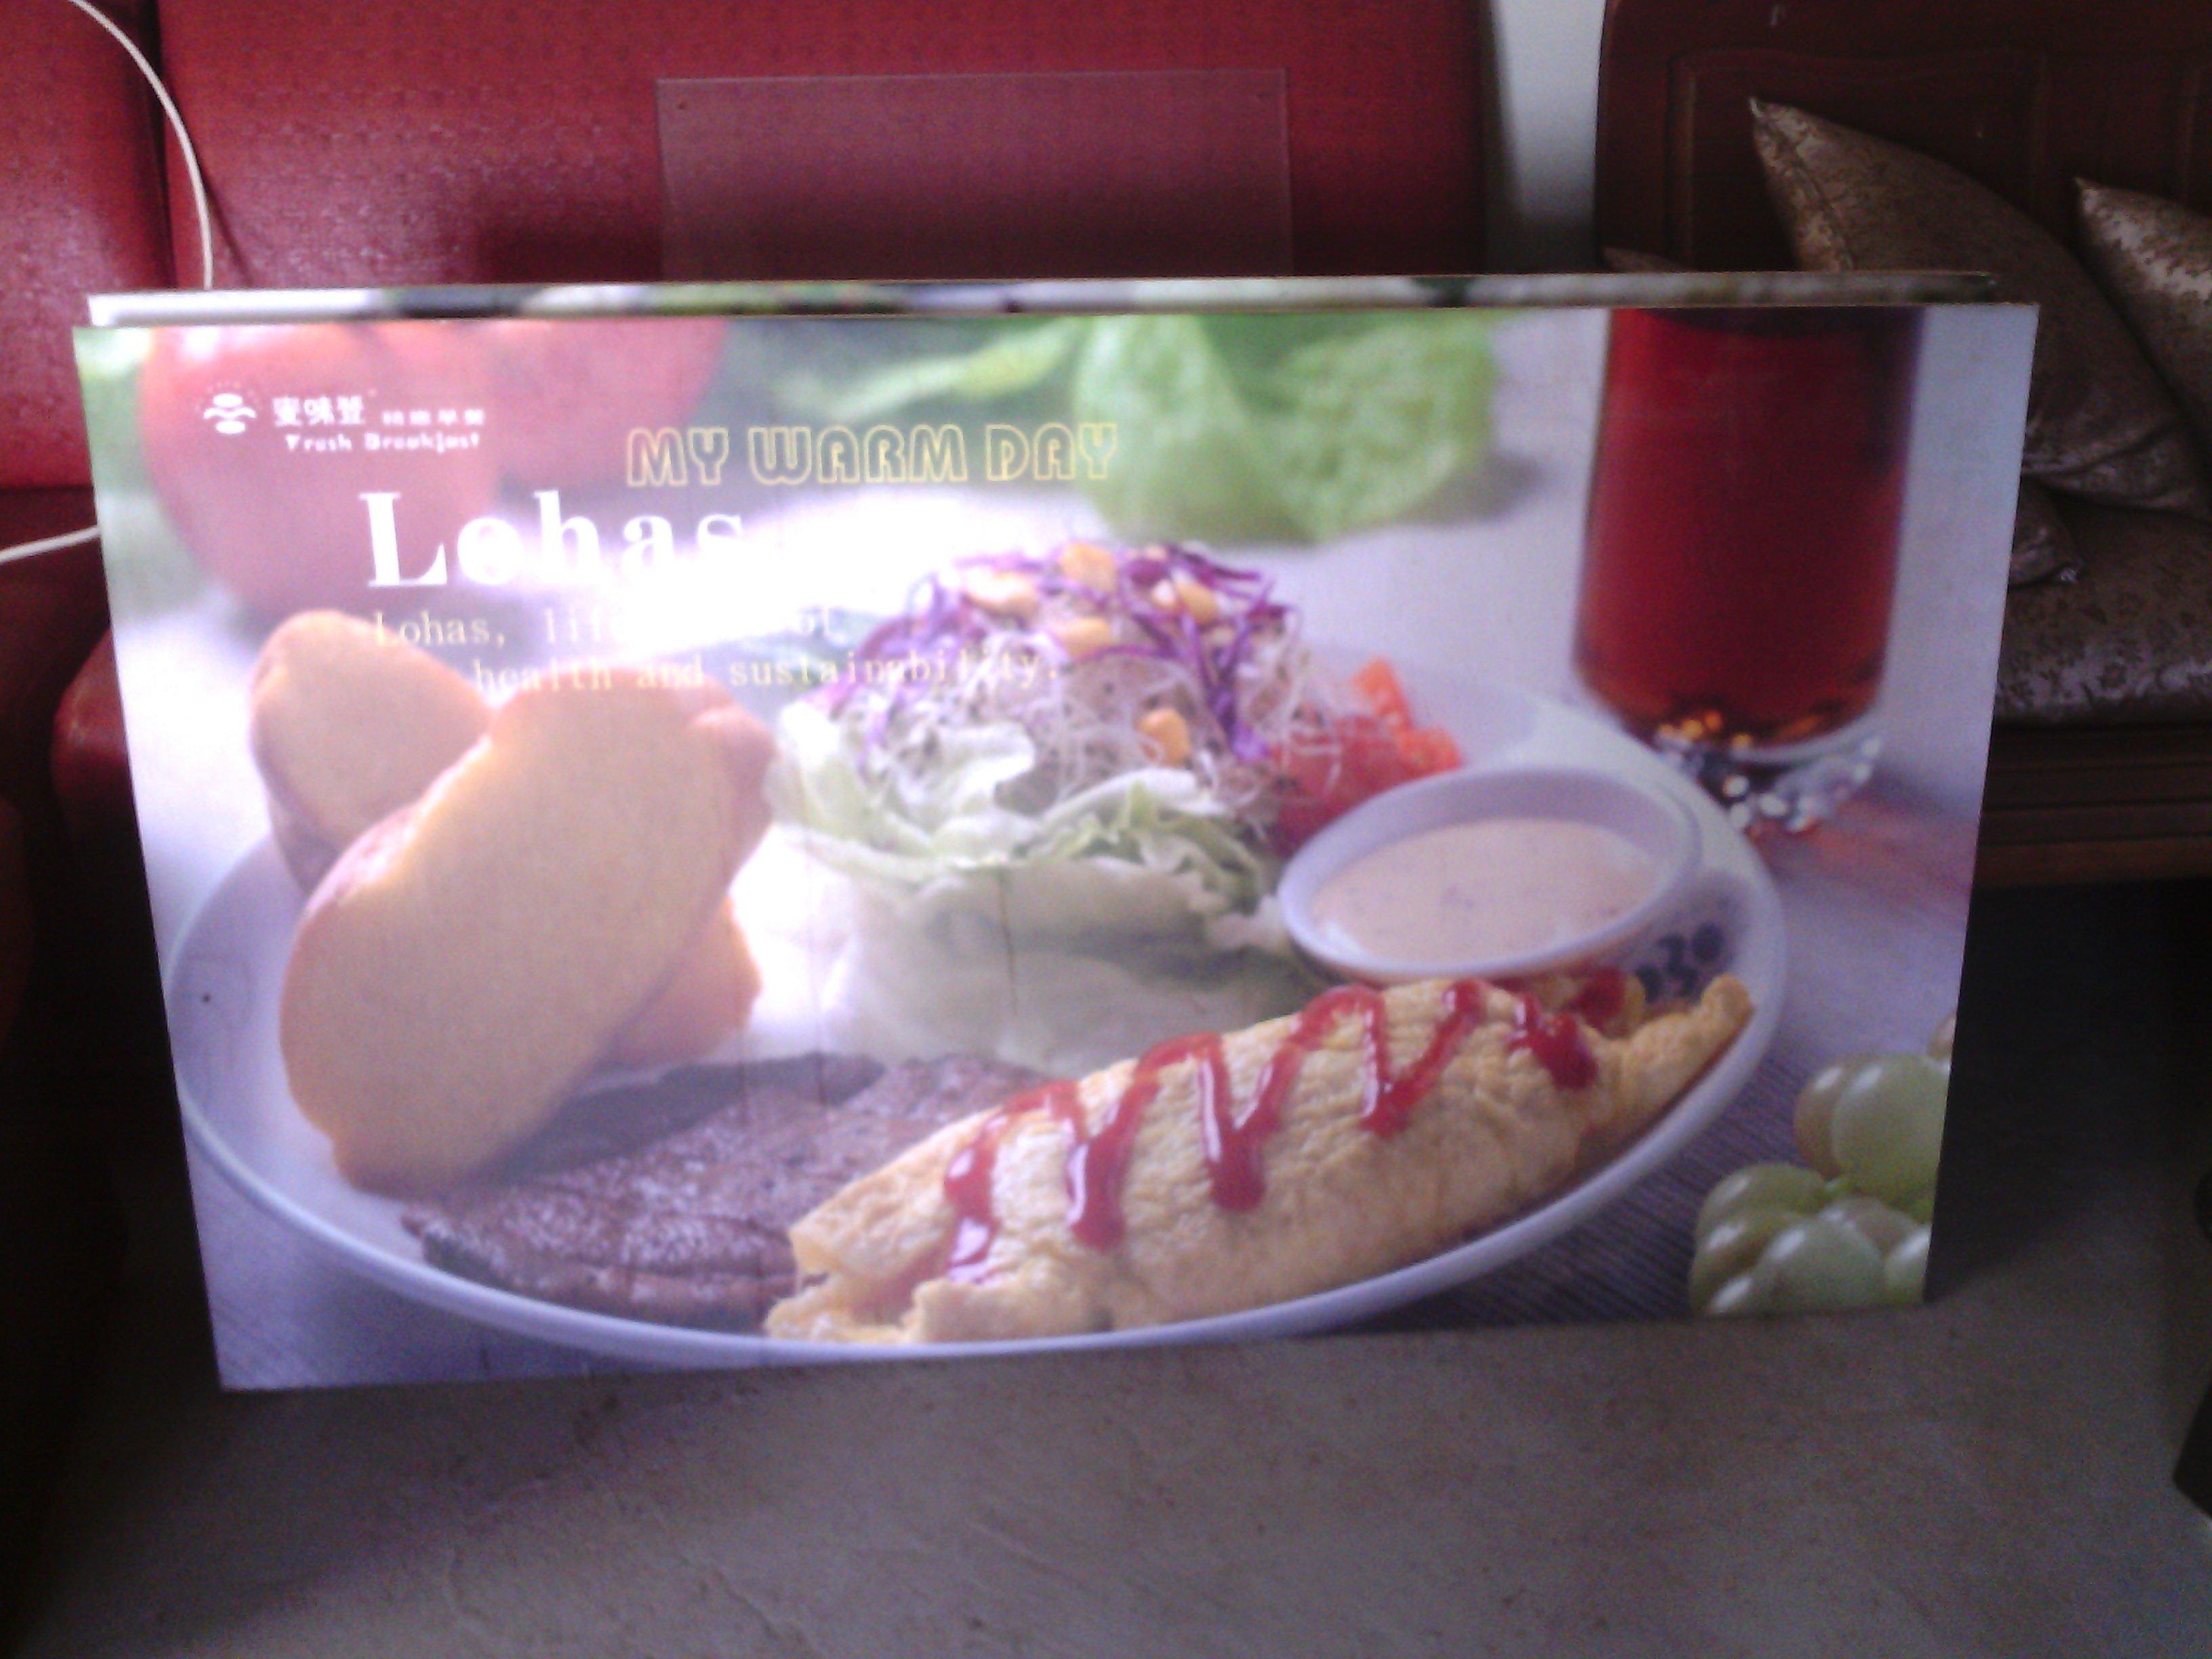 麥味登 早餐 午餐 早午餐 壁掛裝潢 水果生菜沙拉 法國麵包 套餐圖片 招牌大圖